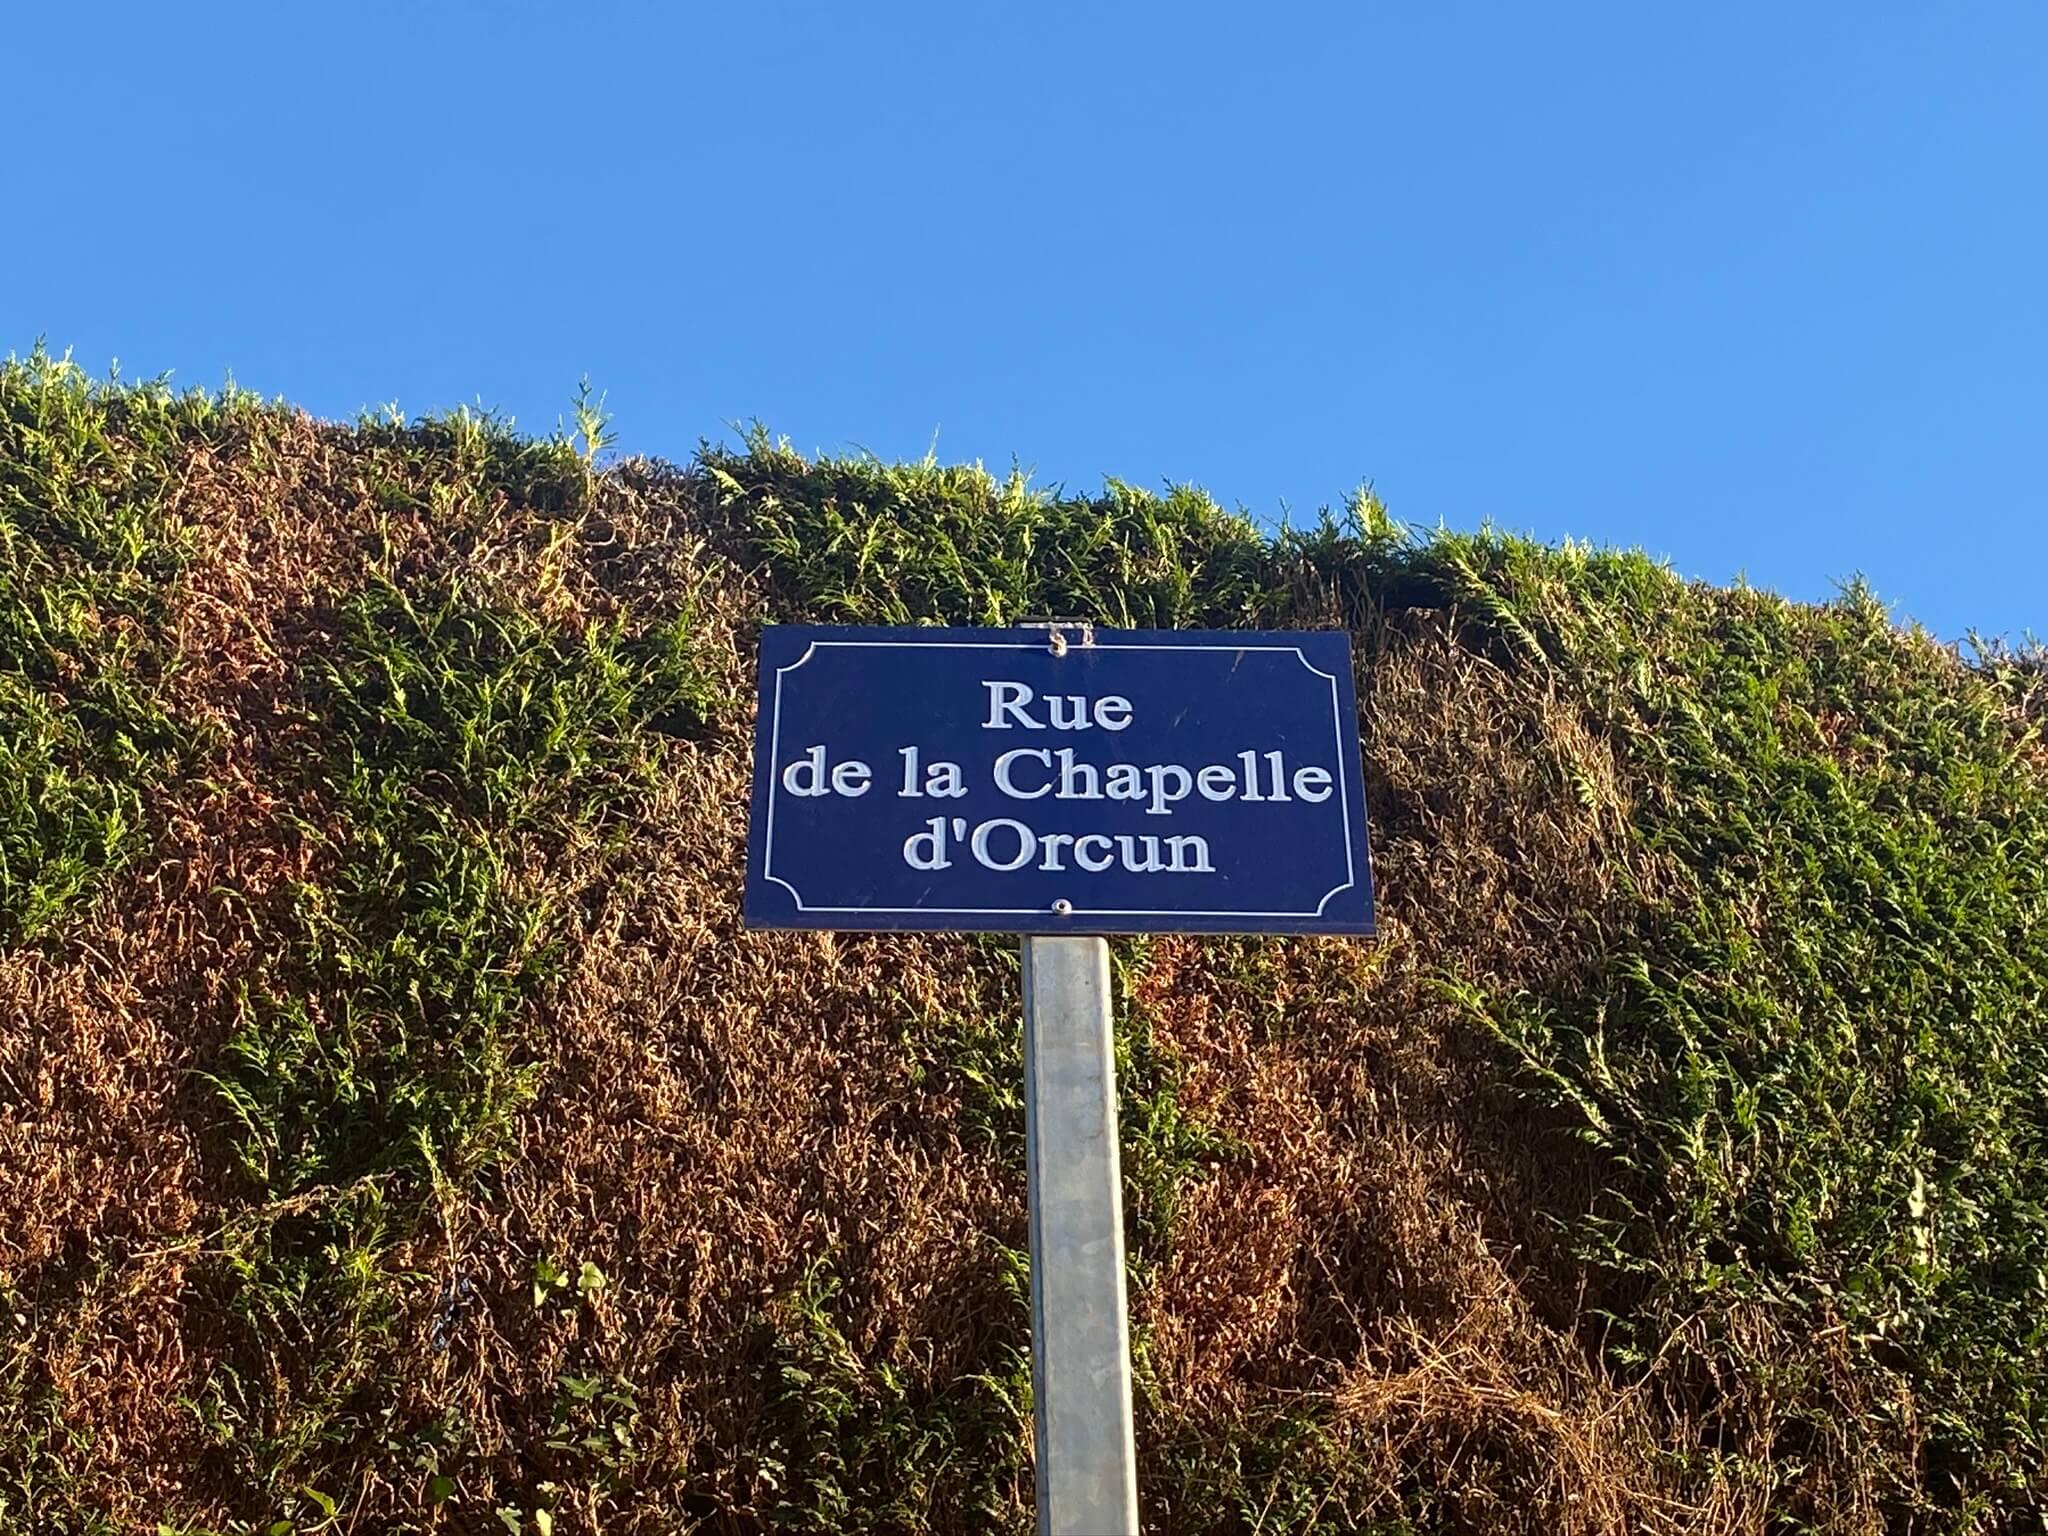 La rue de la chapelle d'Orcun à Bedous